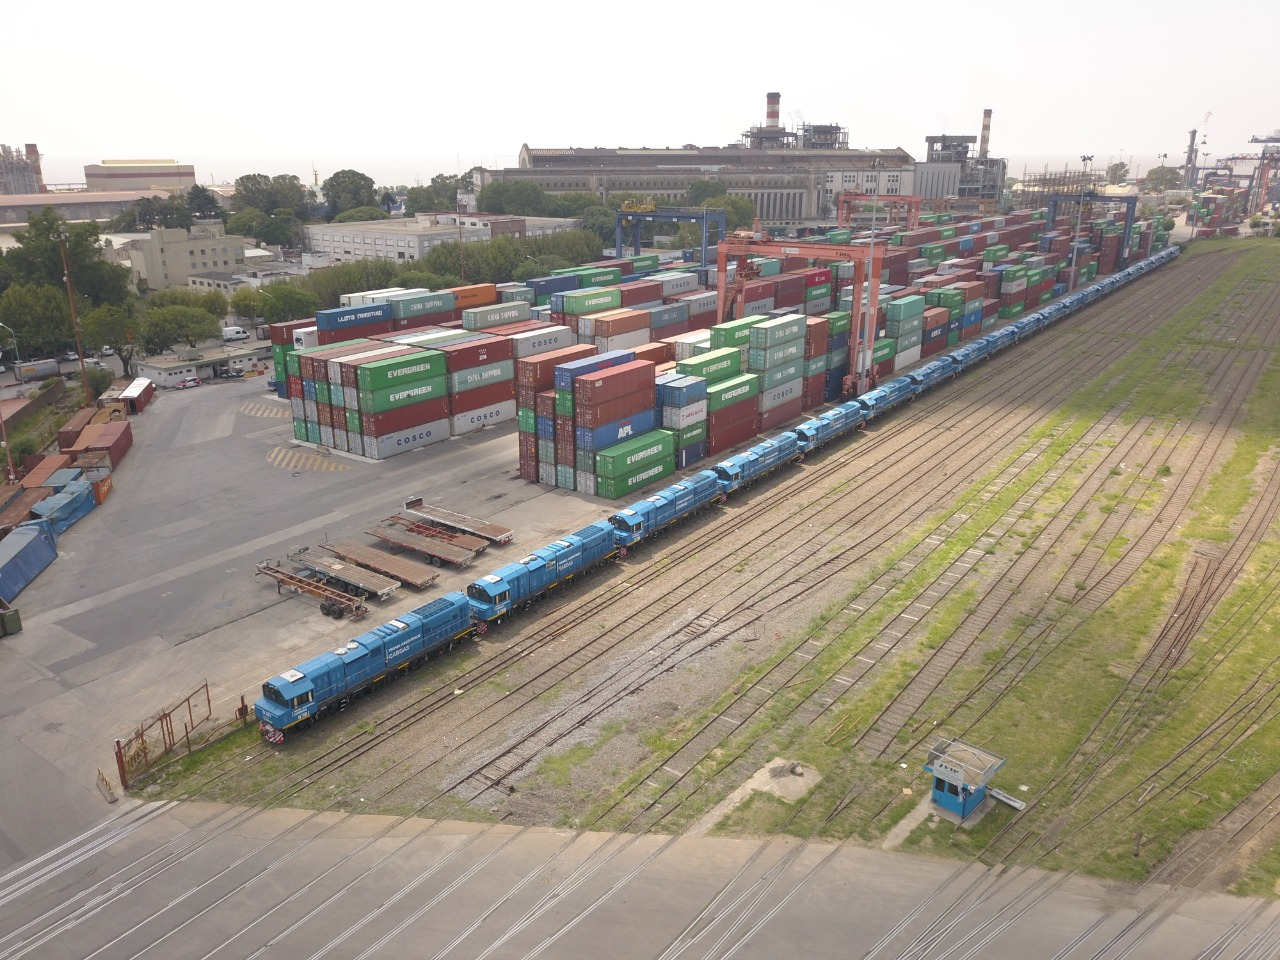 El Puerto Buenos Aires duplicó la cantidad de vagones ferroviarios operarios en 10 meses